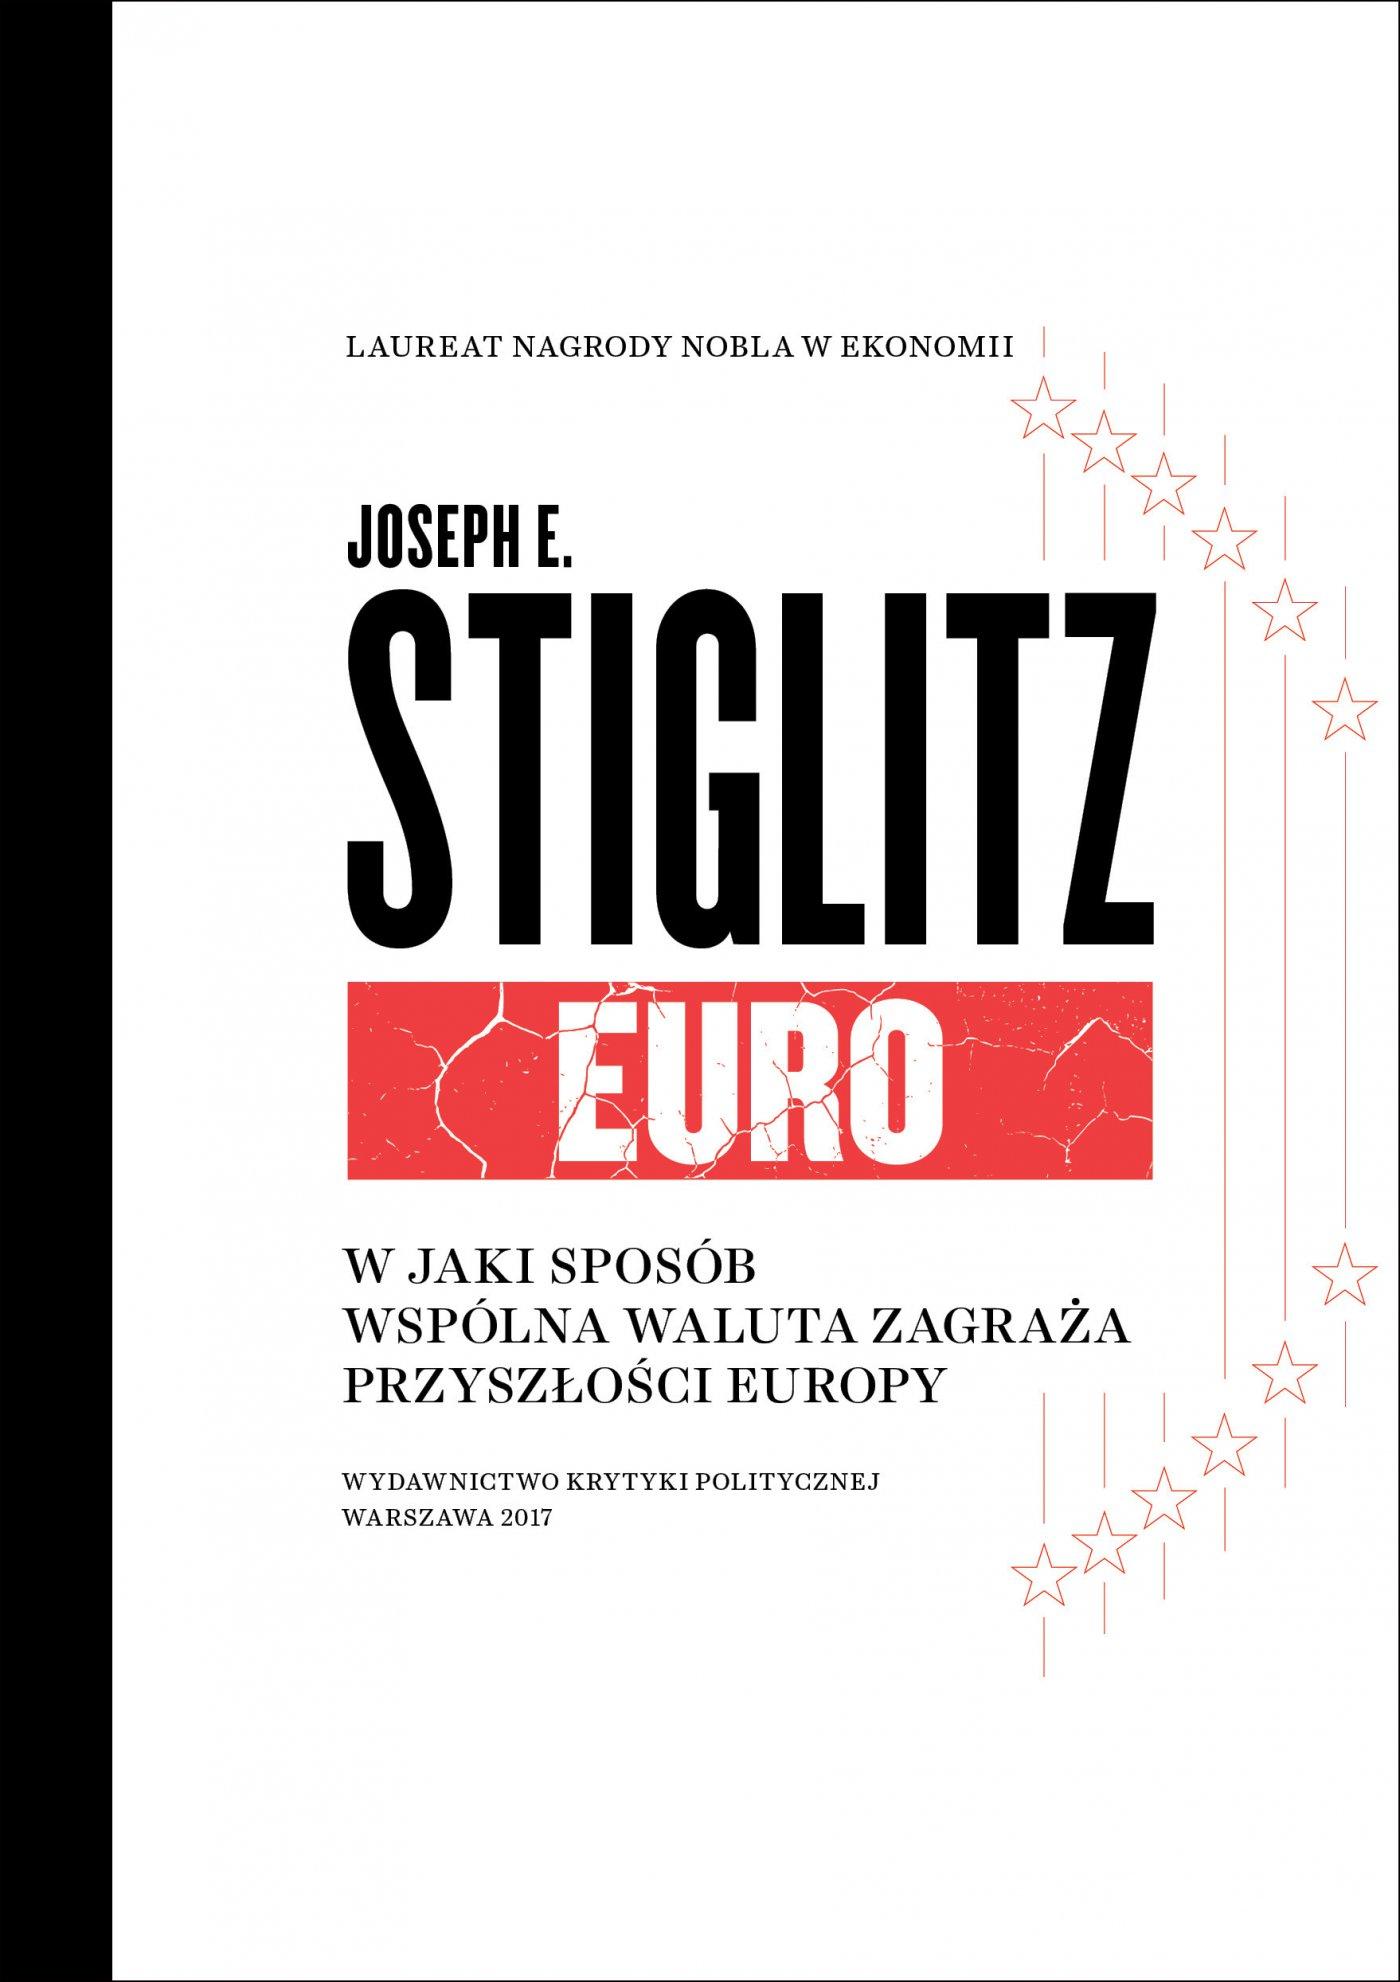 Euro. W jaki sposób wspólna waluta zagraża przyszłości Europy - Ebook (Książka na Kindle) do pobrania w formacie MOBI